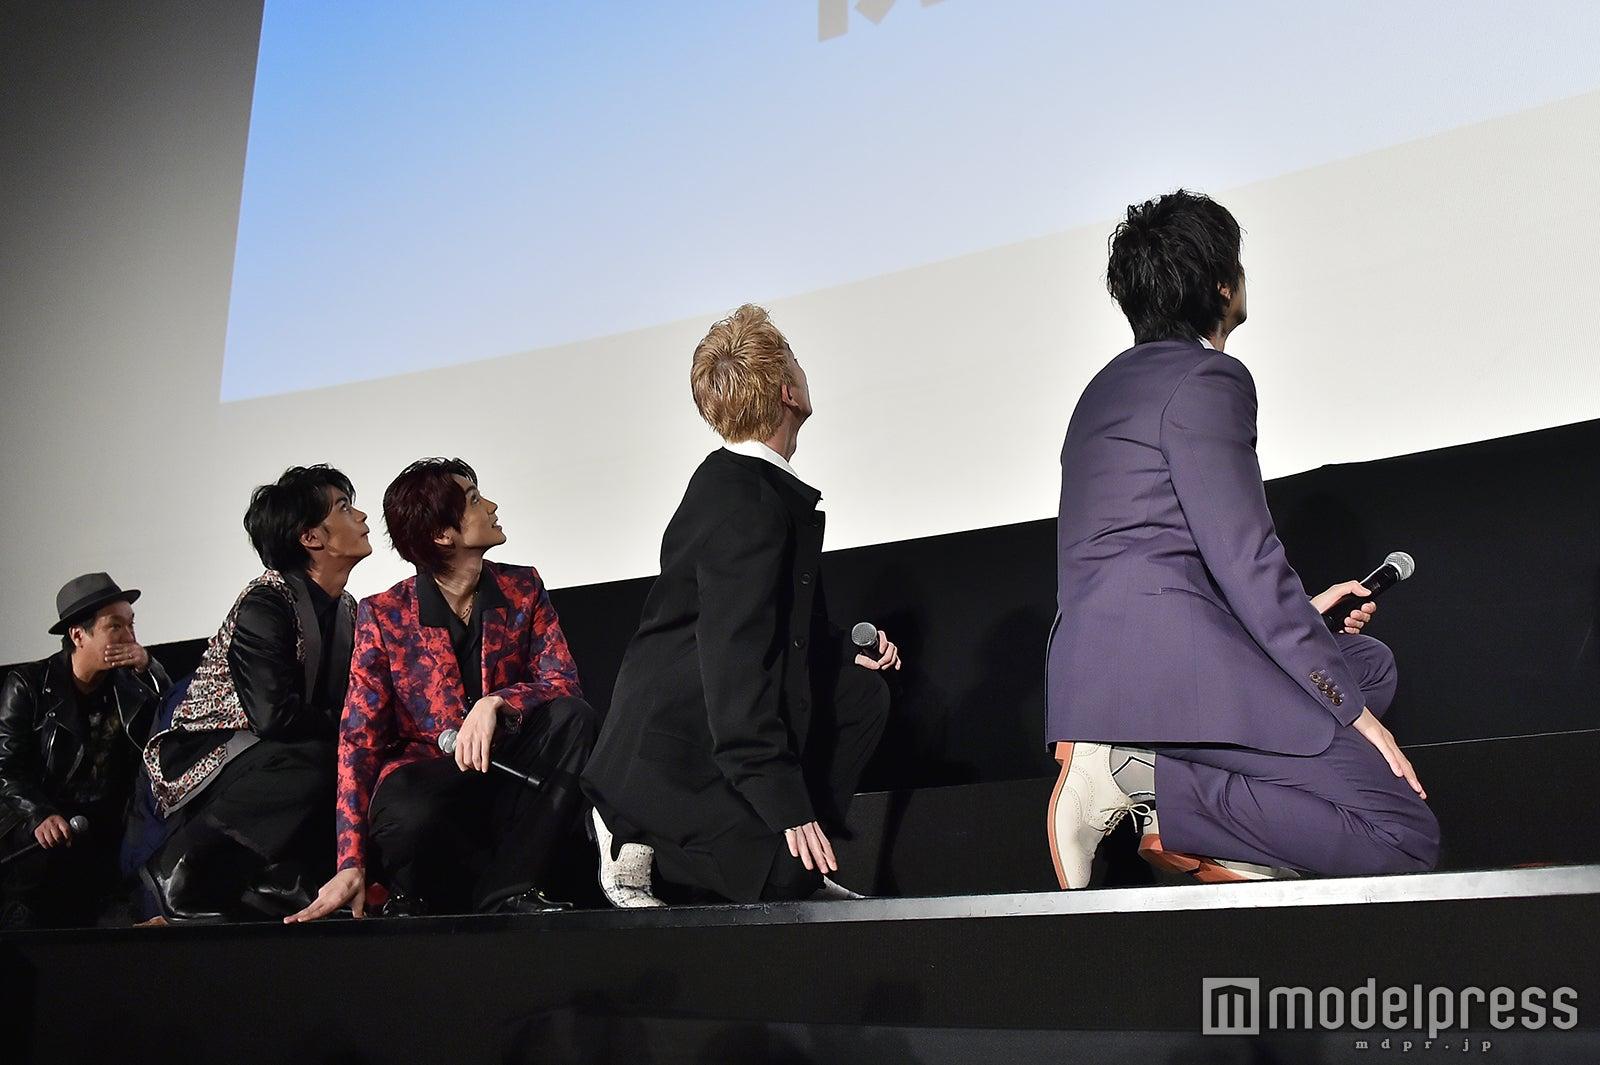 スクリーンに映し出された幼少期の写真を観る登壇者たち(C)モデルプレス